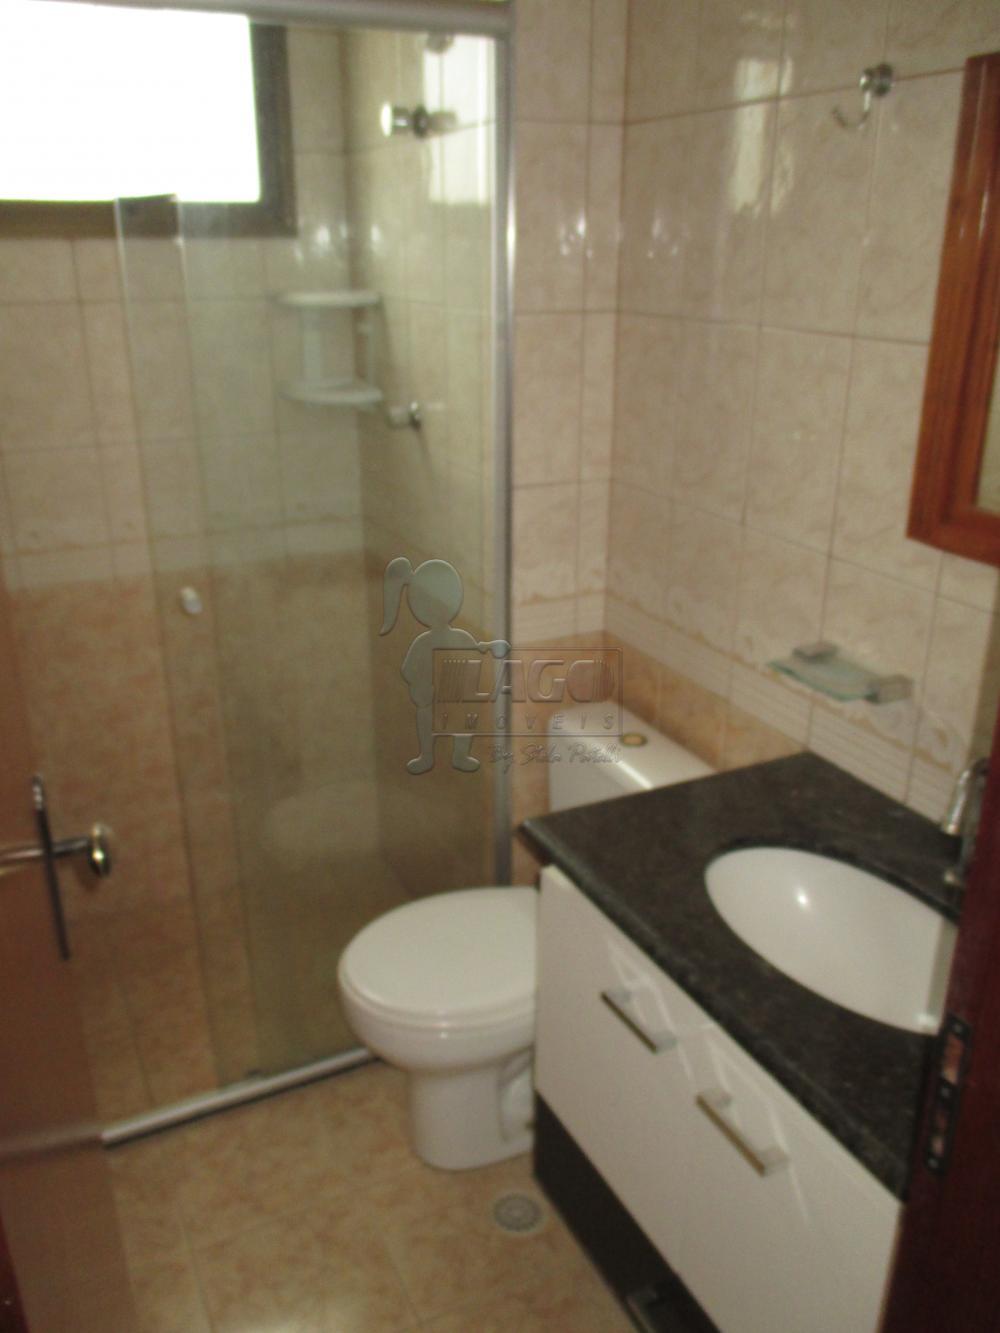 Alugar Apartamento / Padrão em Ribeirão Preto apenas R$ 500,00 - Foto 4